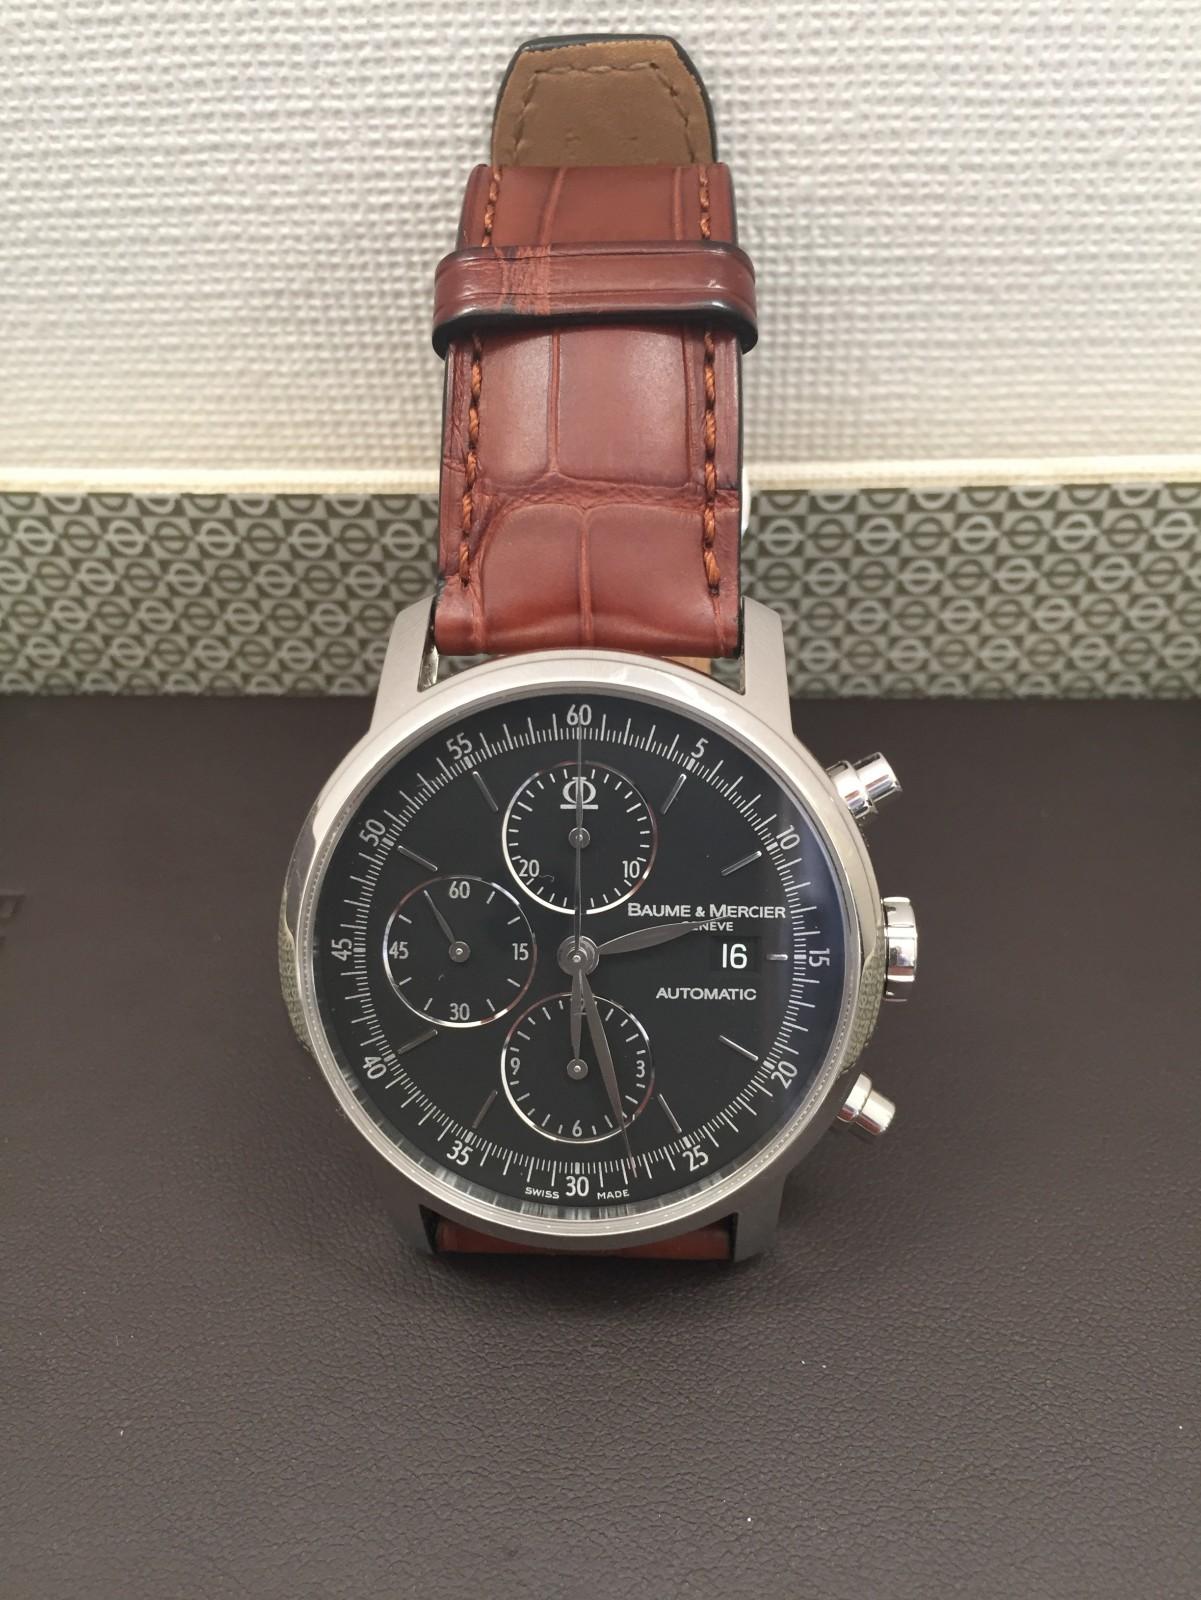 gebrauchte baume mercier classima chronograph moa8589 uhren zum verkauf 550 timepeaks. Black Bedroom Furniture Sets. Home Design Ideas